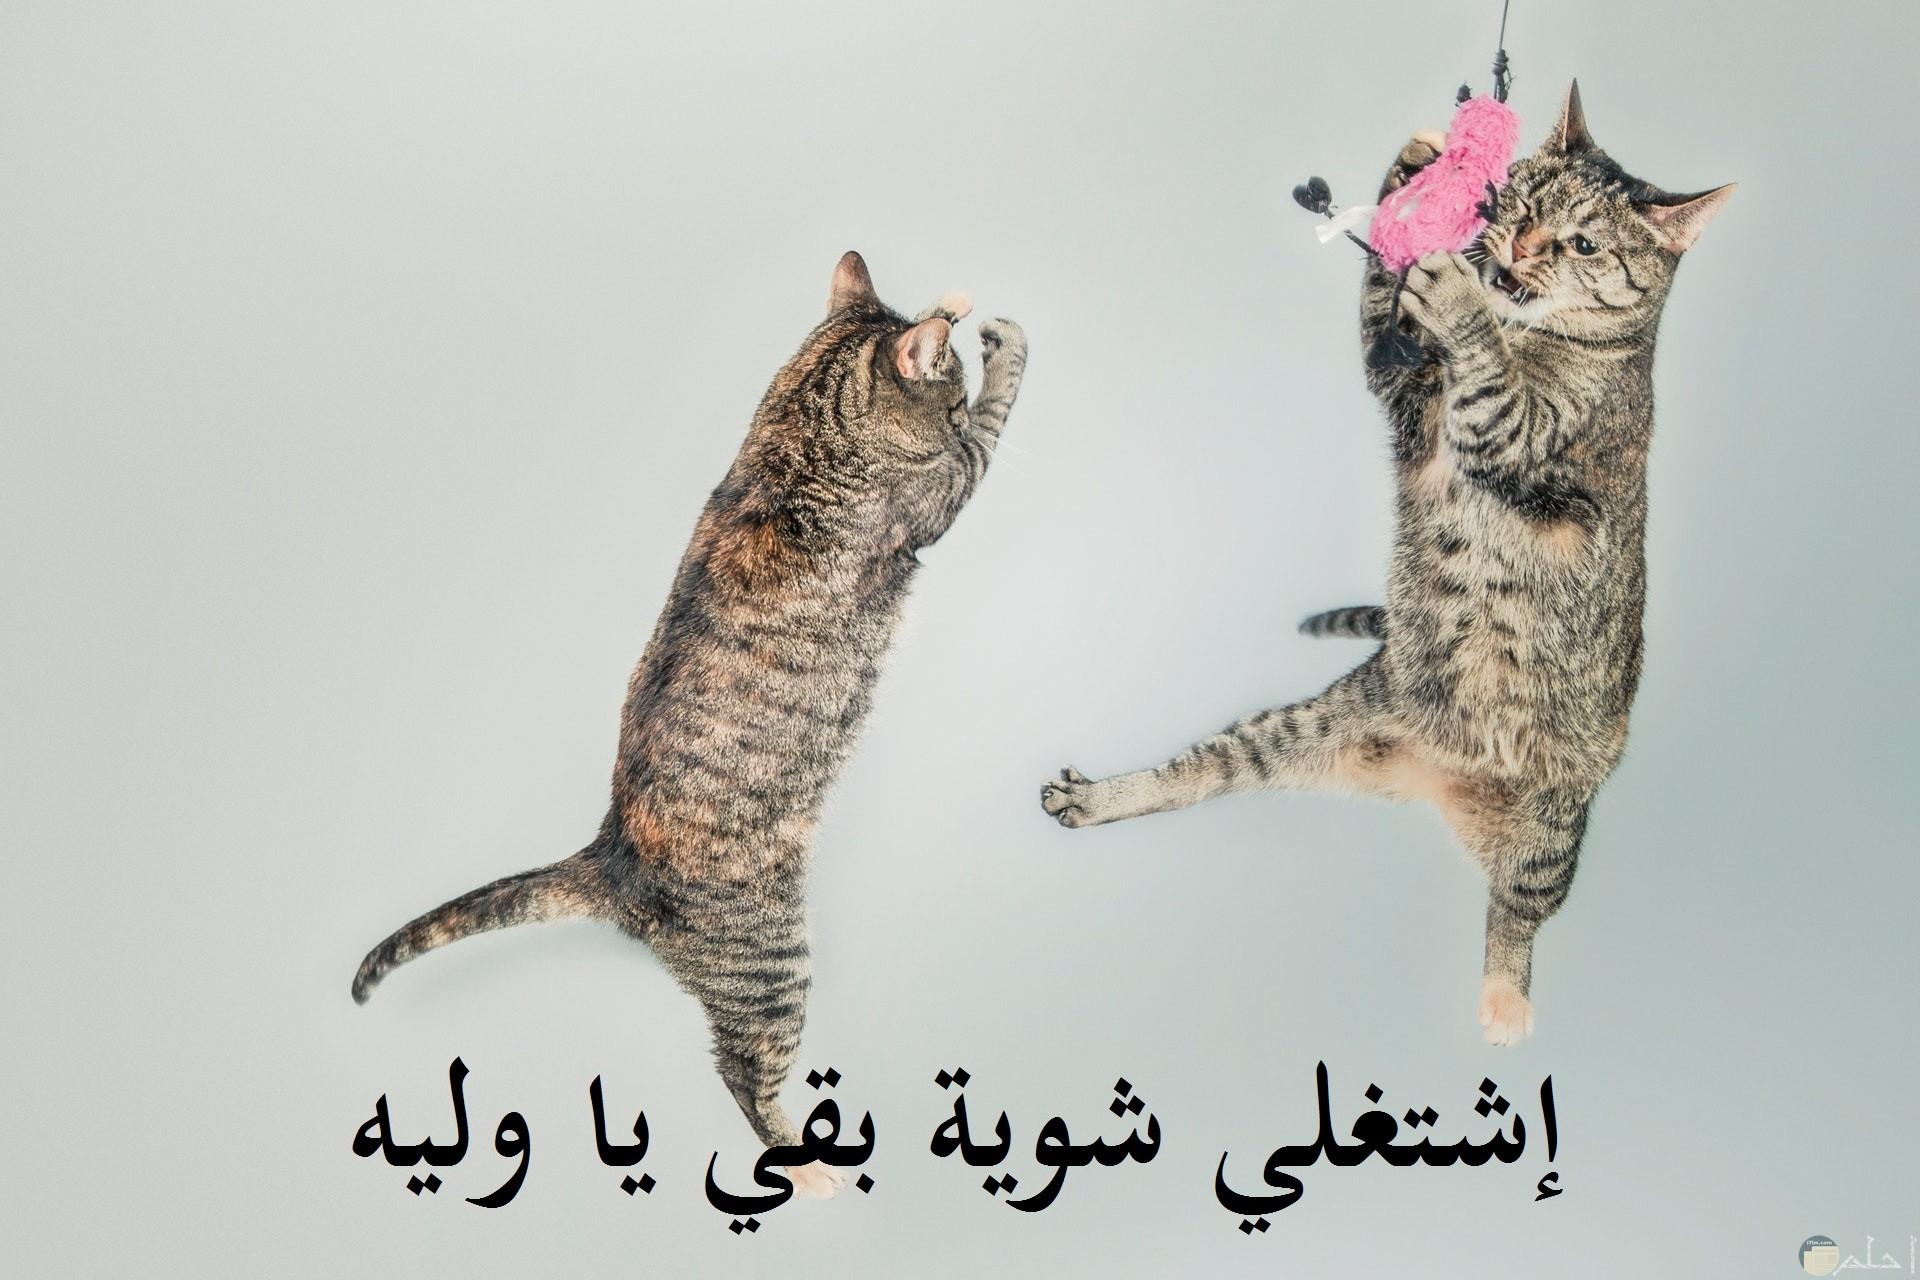 صورة مضحكة للبسس فيها قطتين تقول واحدة للأخري إشتغلي شوية يا وليه